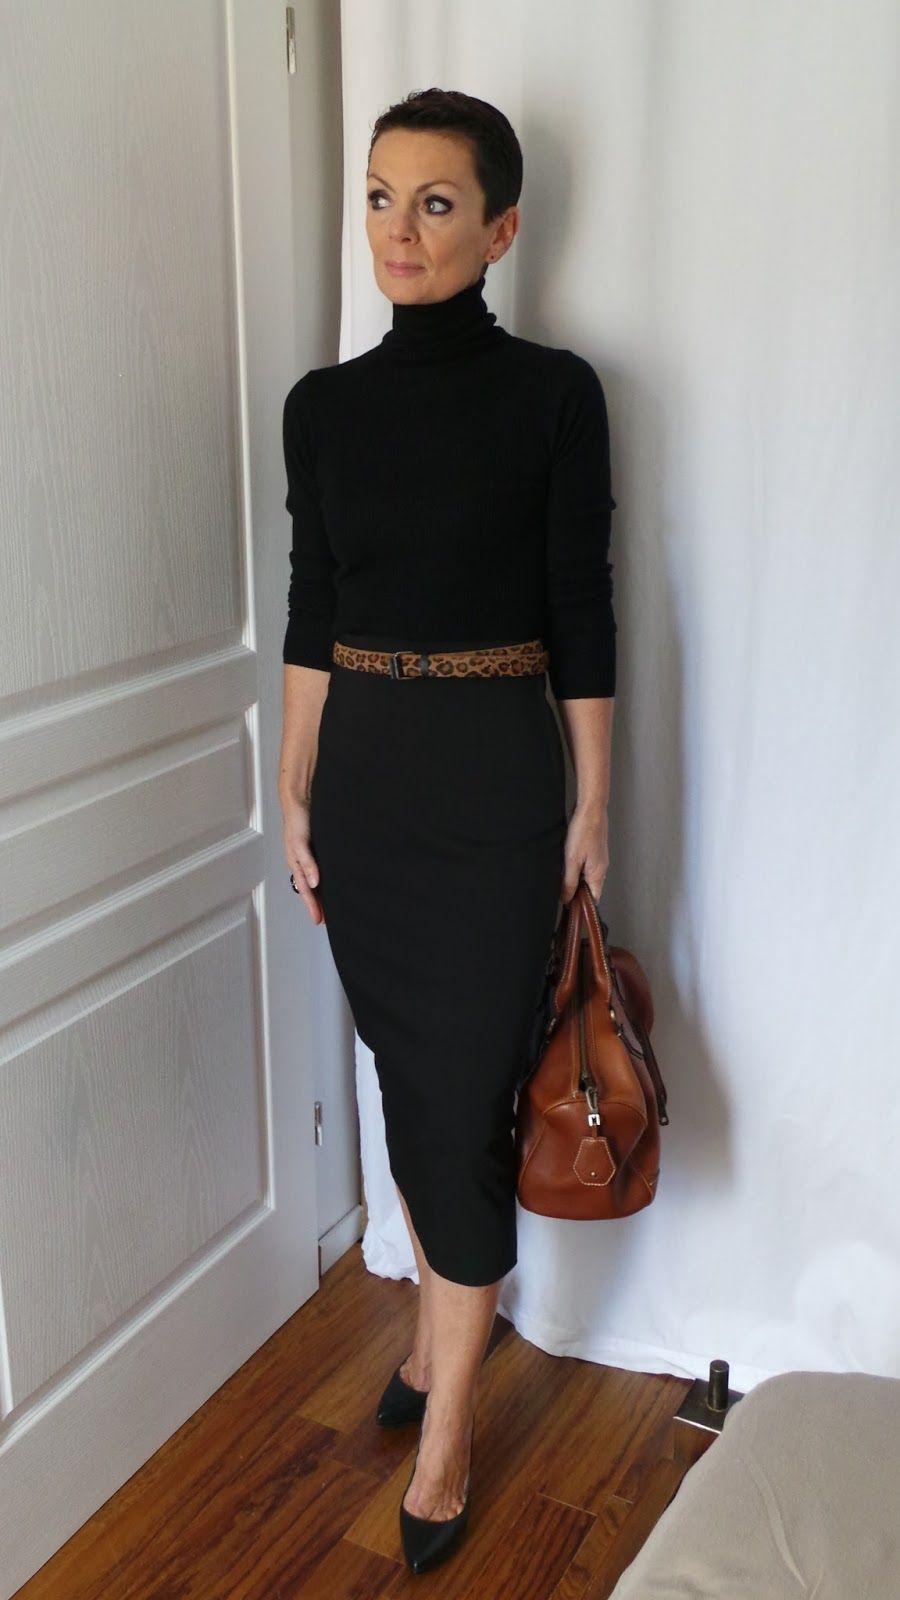 Blog Mode et Beauté, Sandrine vous présente son blog mode et beauté